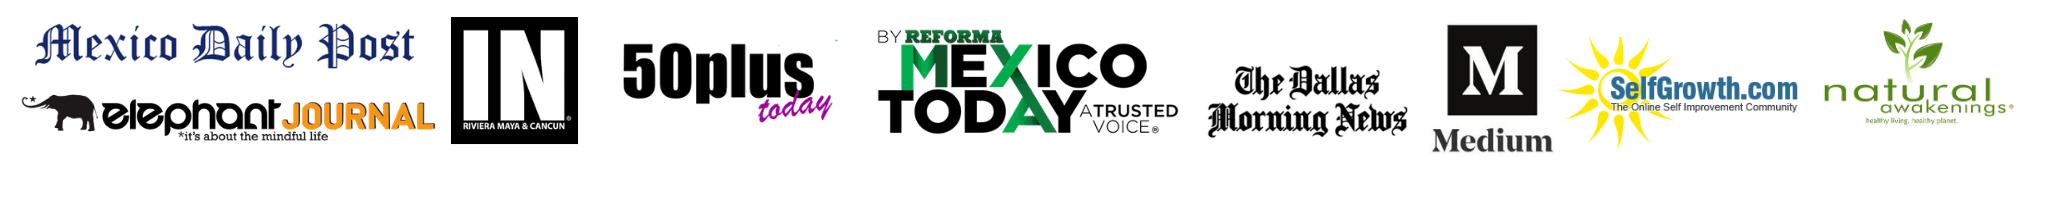 Life in Mérida Coverage